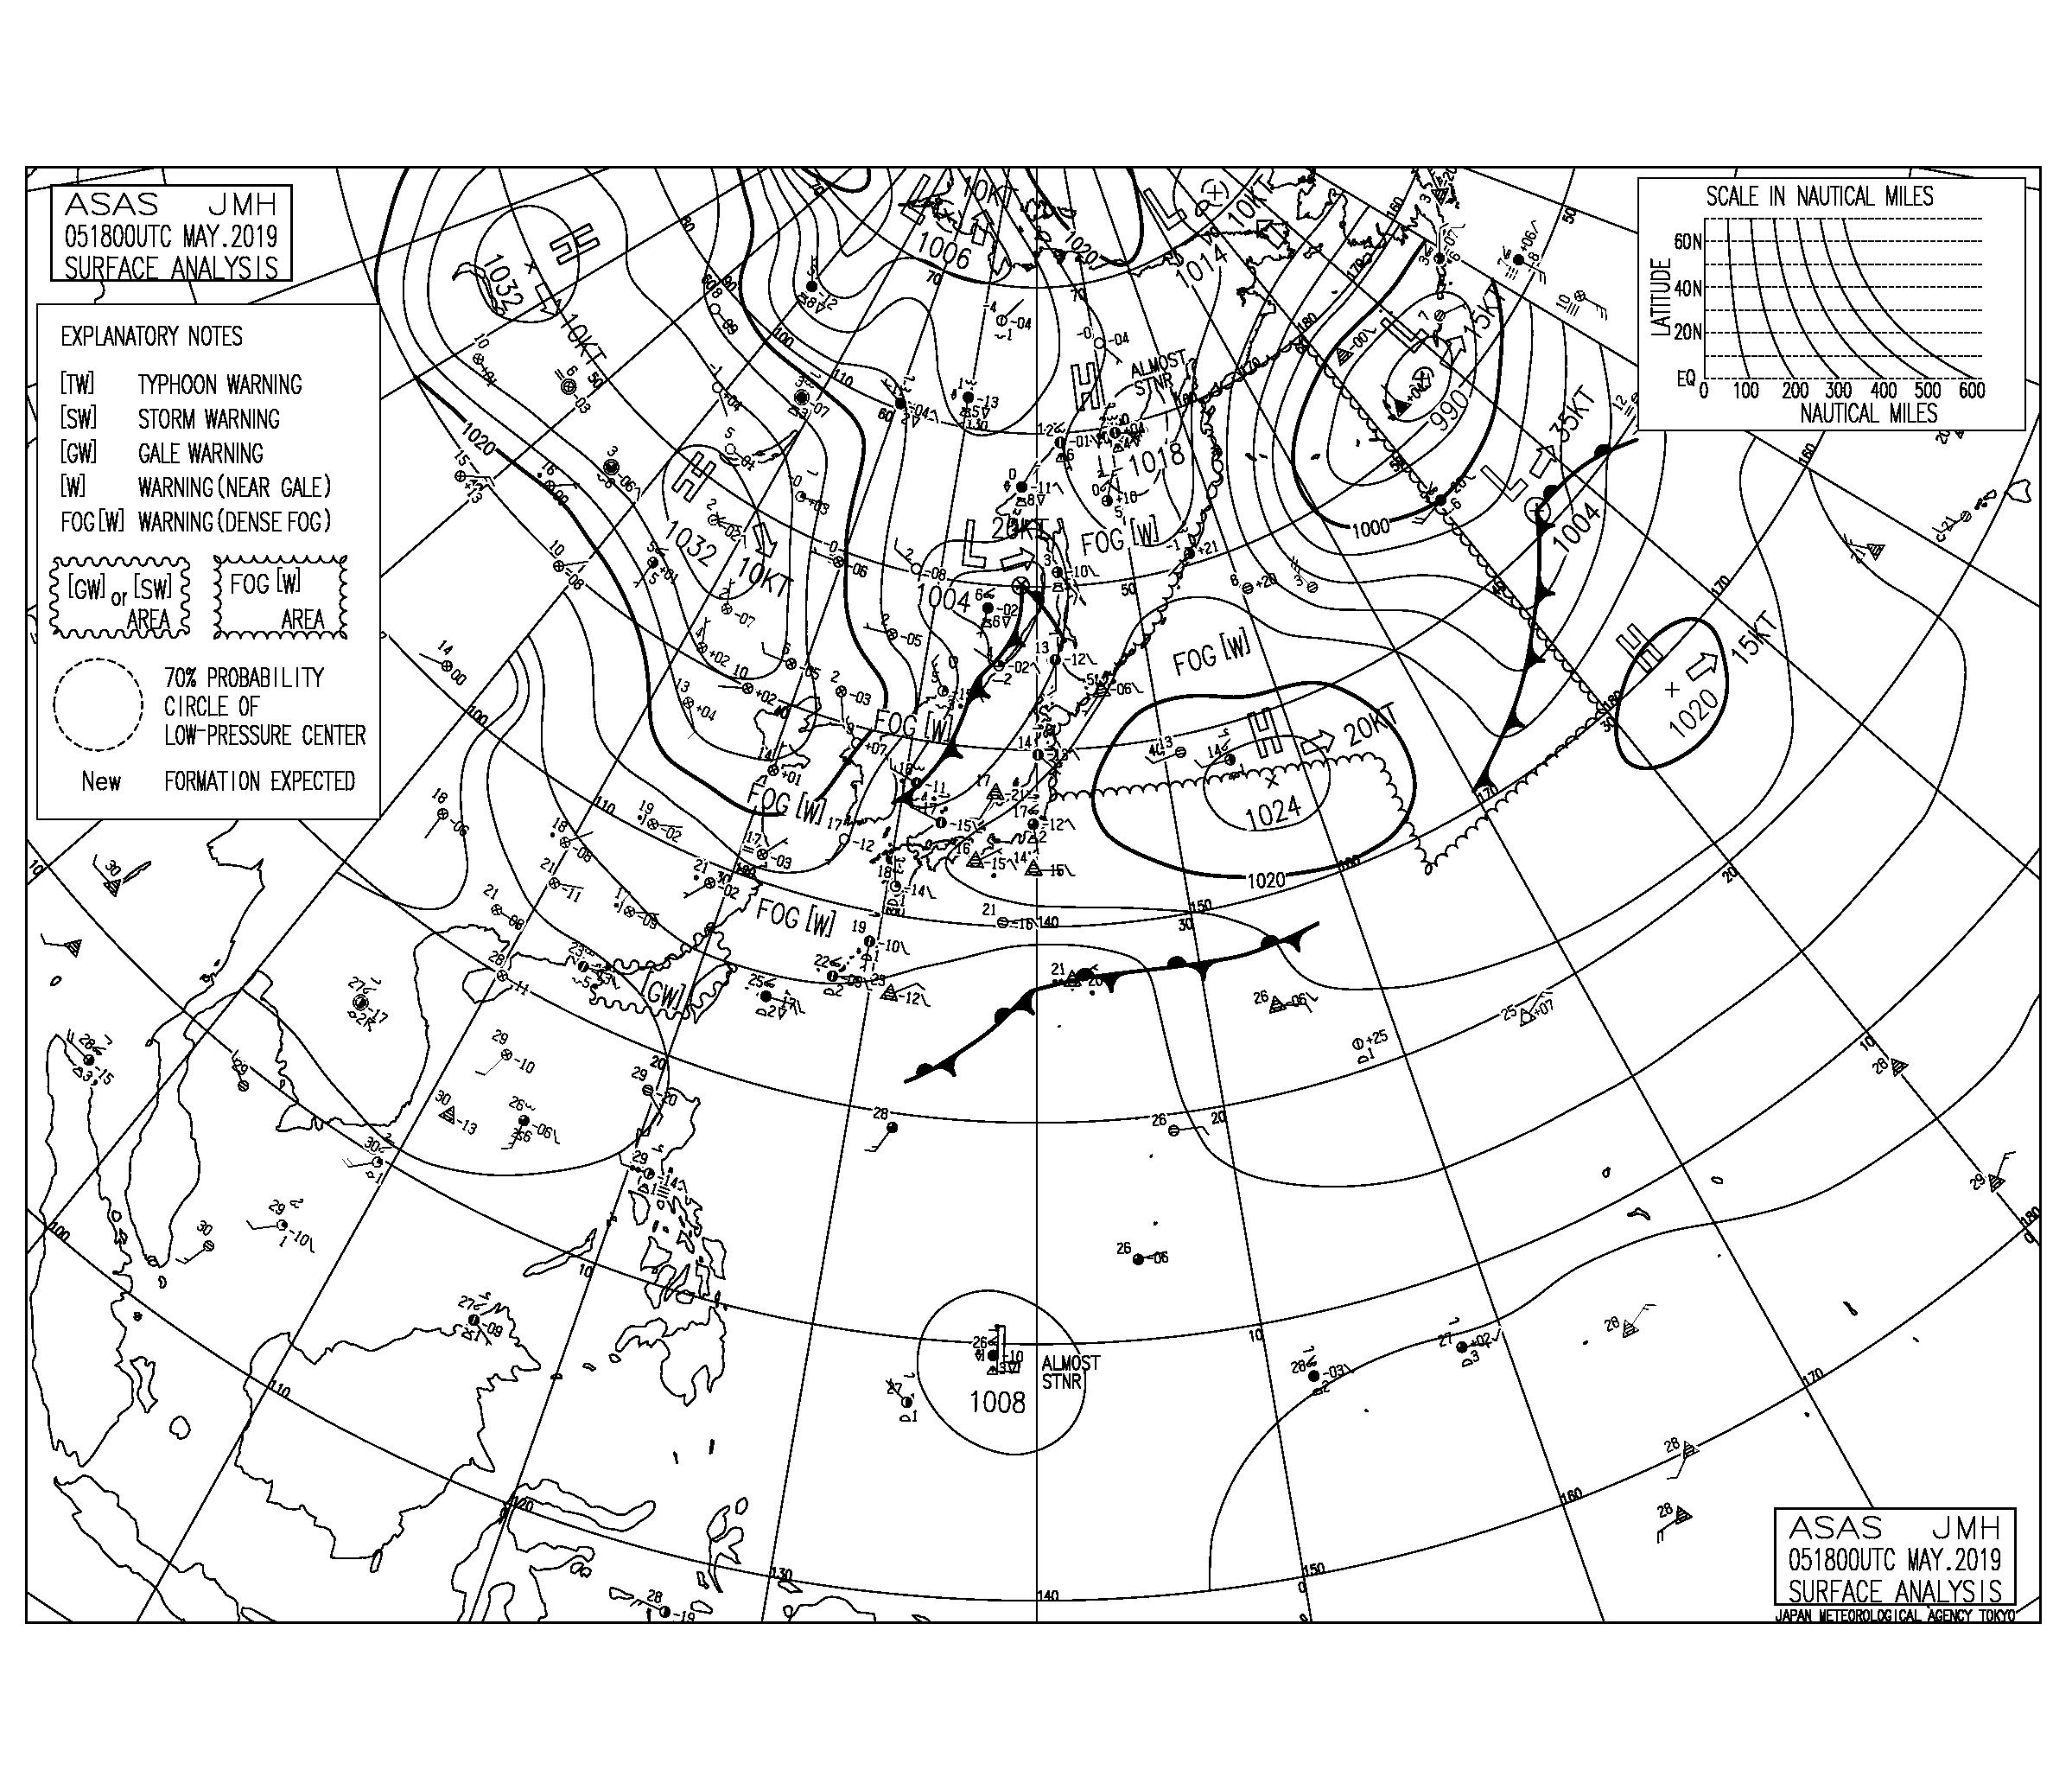 【2019.5.6】低気圧に向けての暖湿流で大気の状態が非常に不安定、午後は落雷に要注意